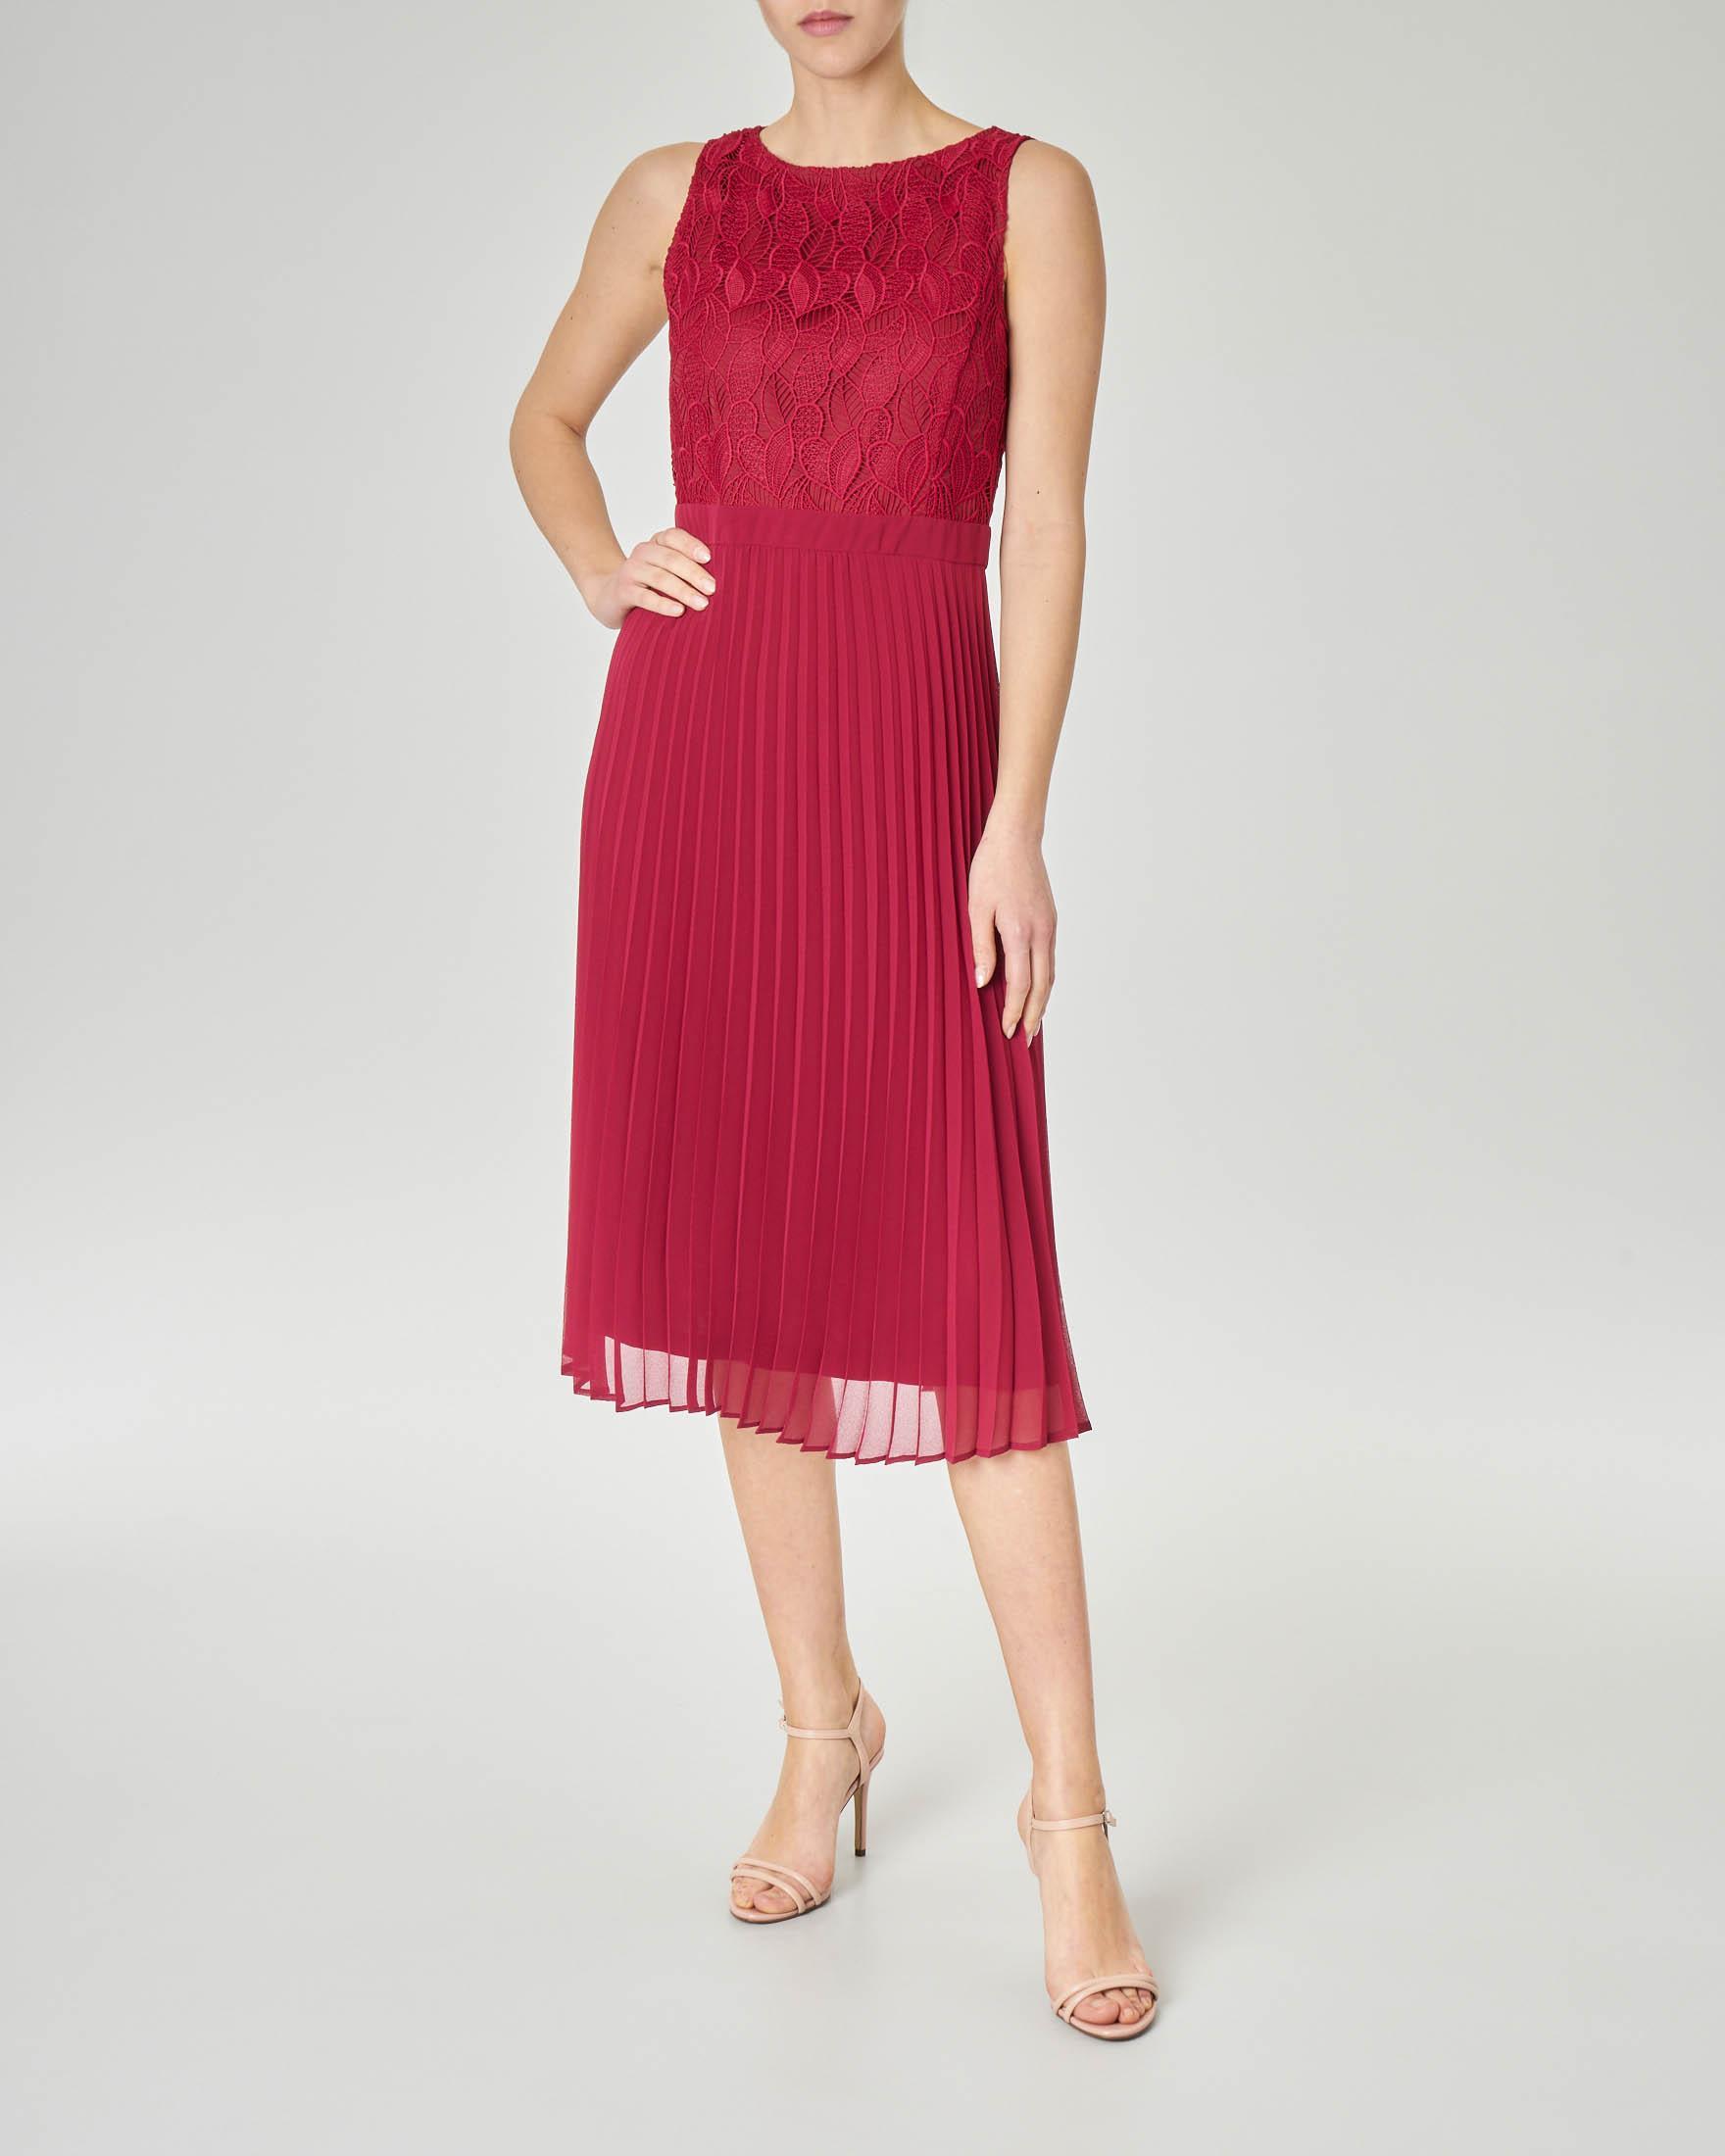 Abito color rubino midi senza maniche con gonna plissè e corpetto ricamato